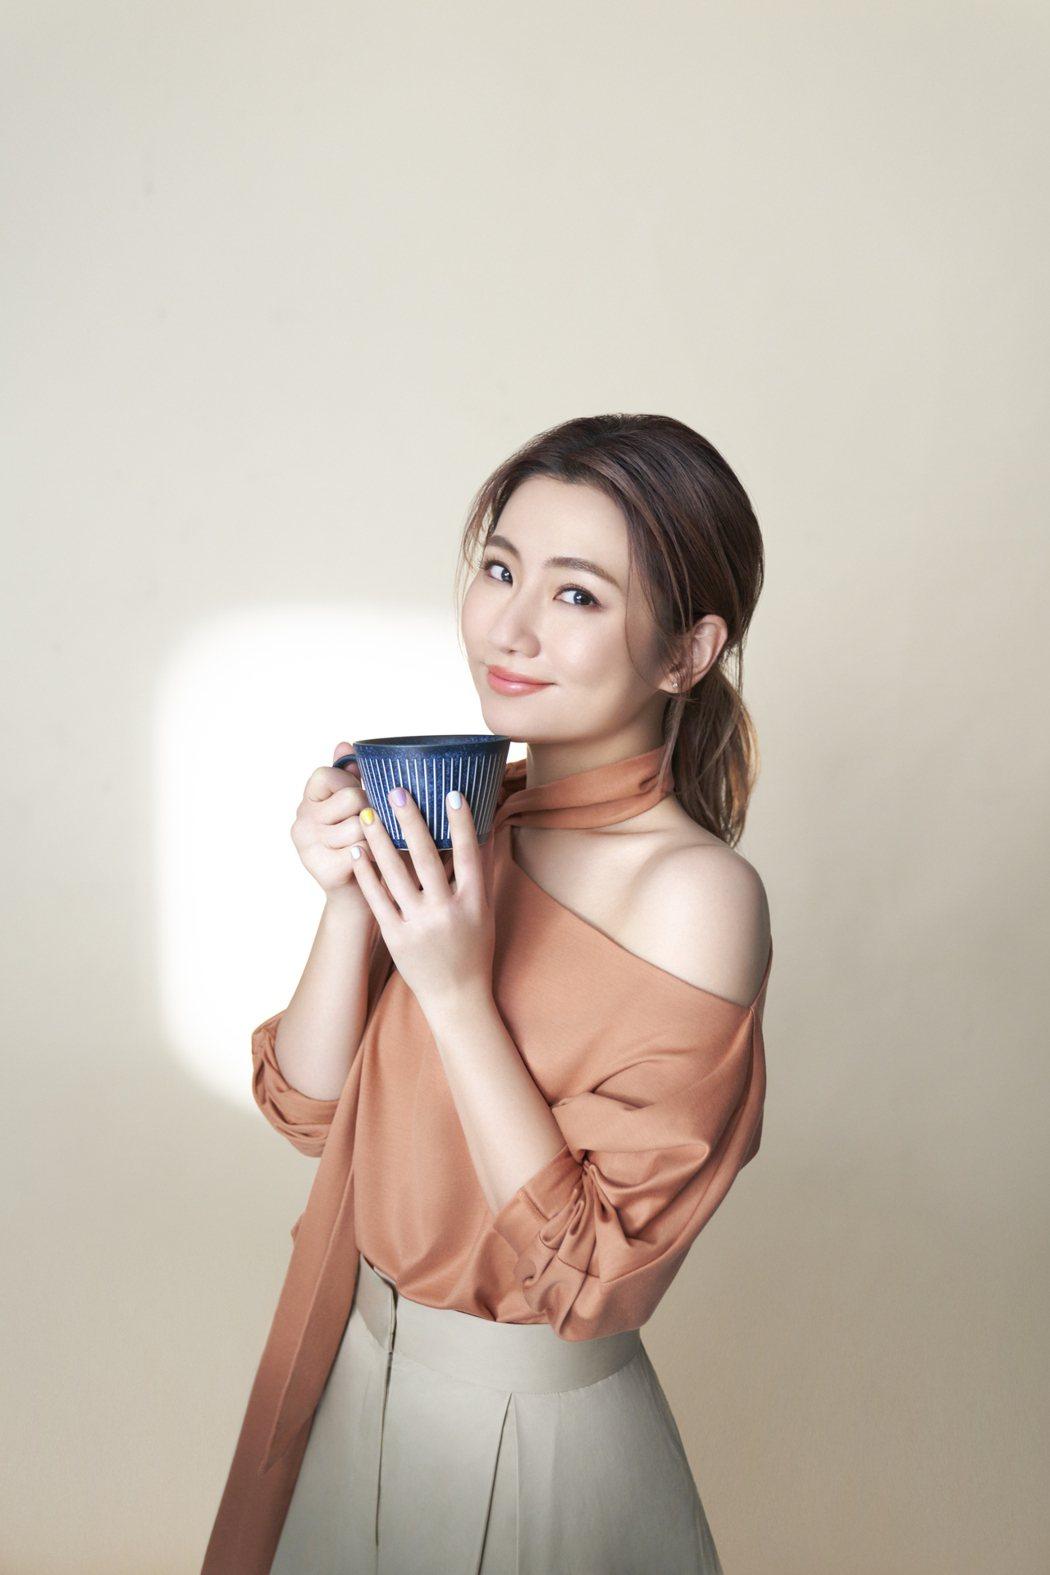 Selina任家萱跨足副業成立全新品牌「任性eat下」。圖/任真美好提供